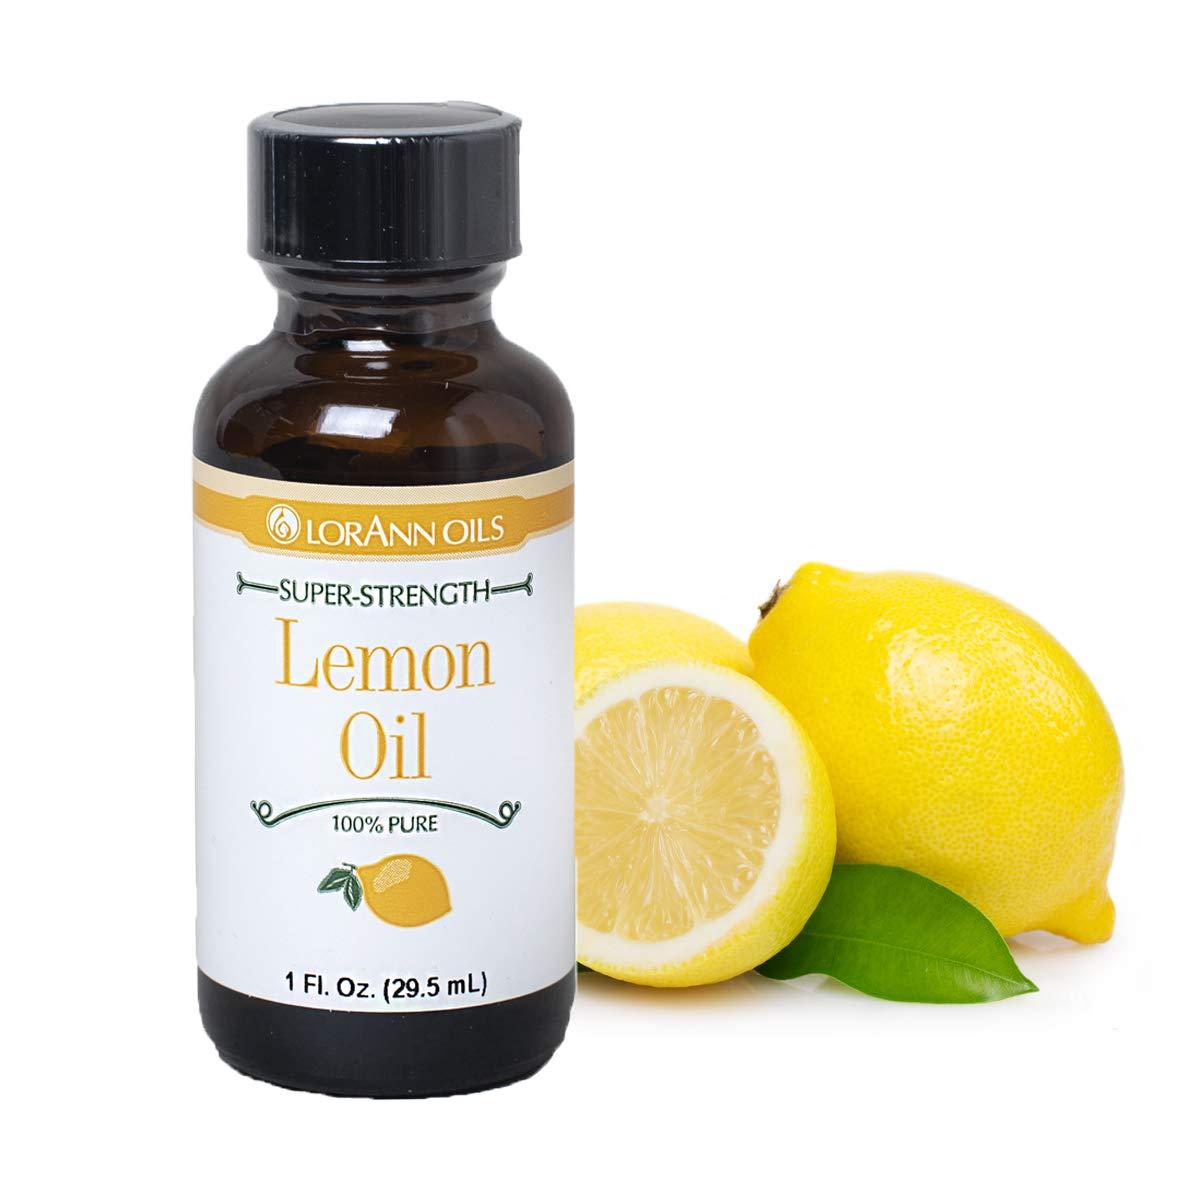 Lemon oil and